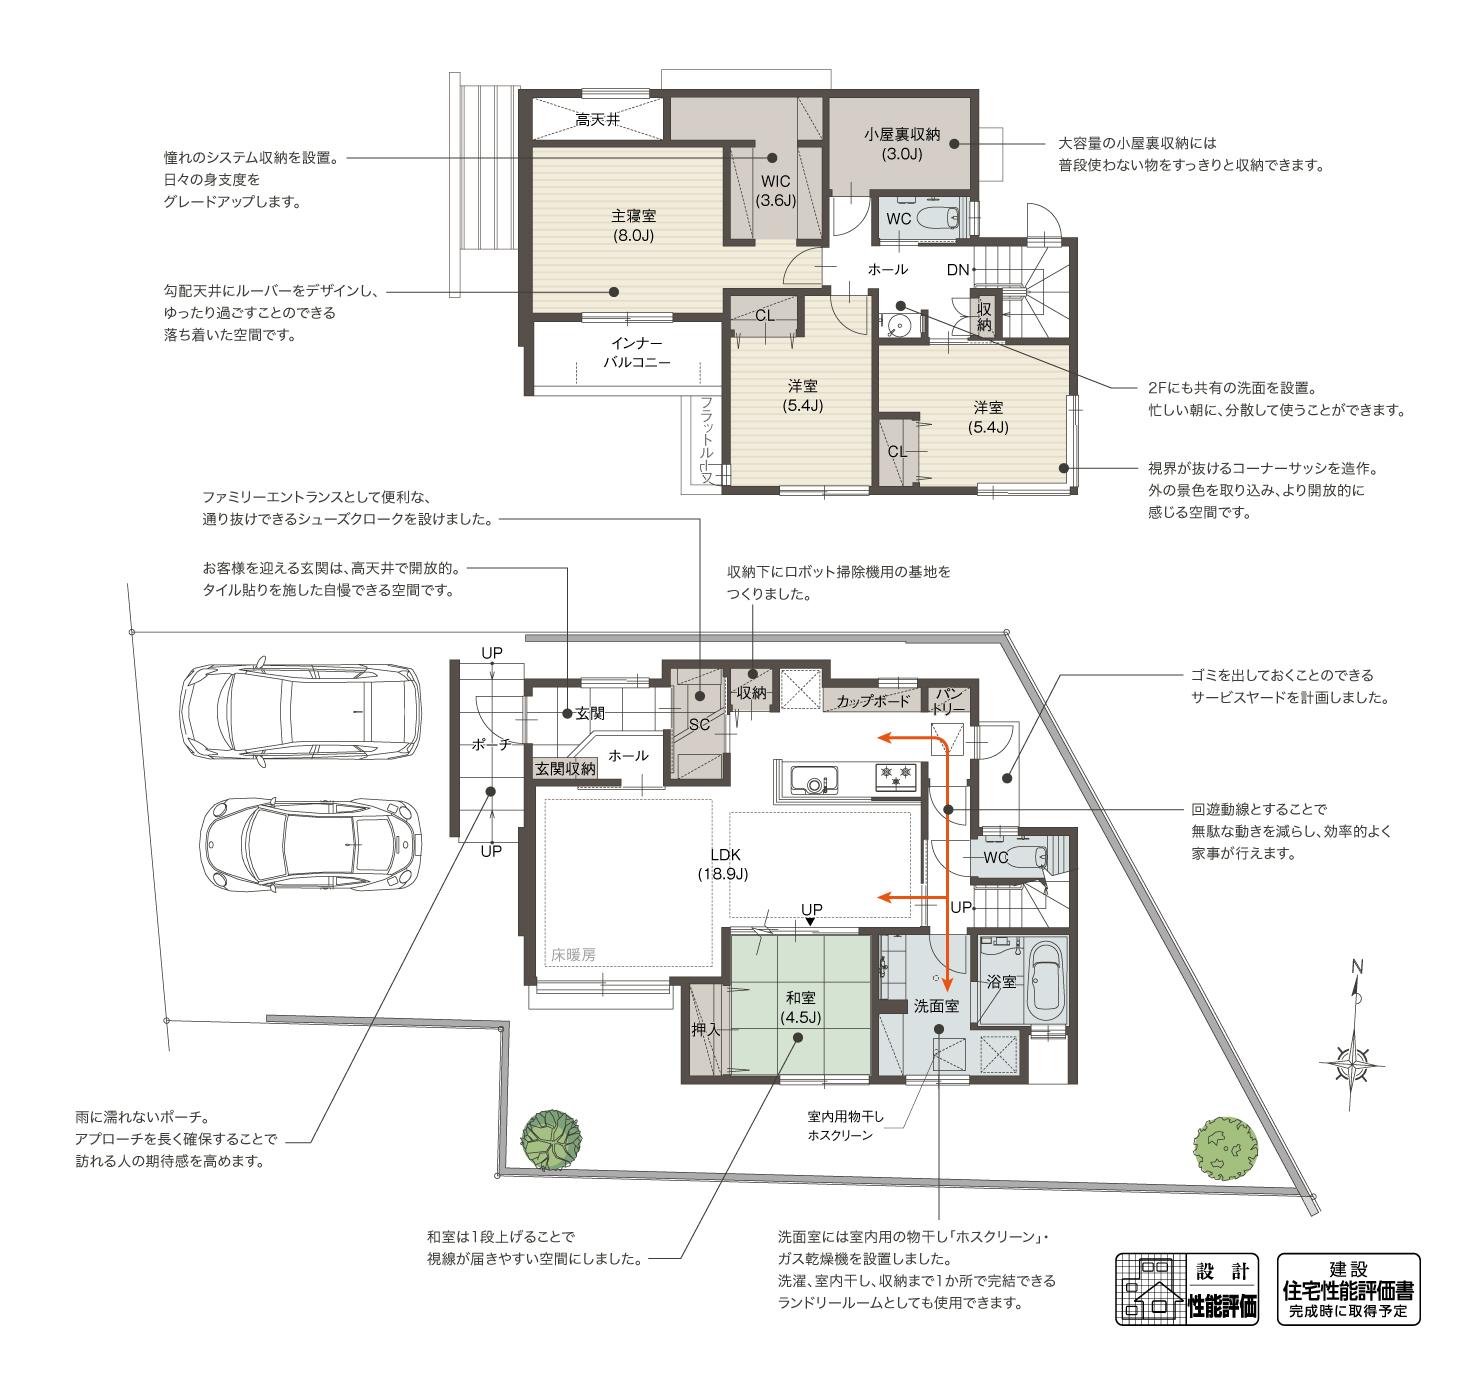 5_間取図_plan1_日進モデルハウス